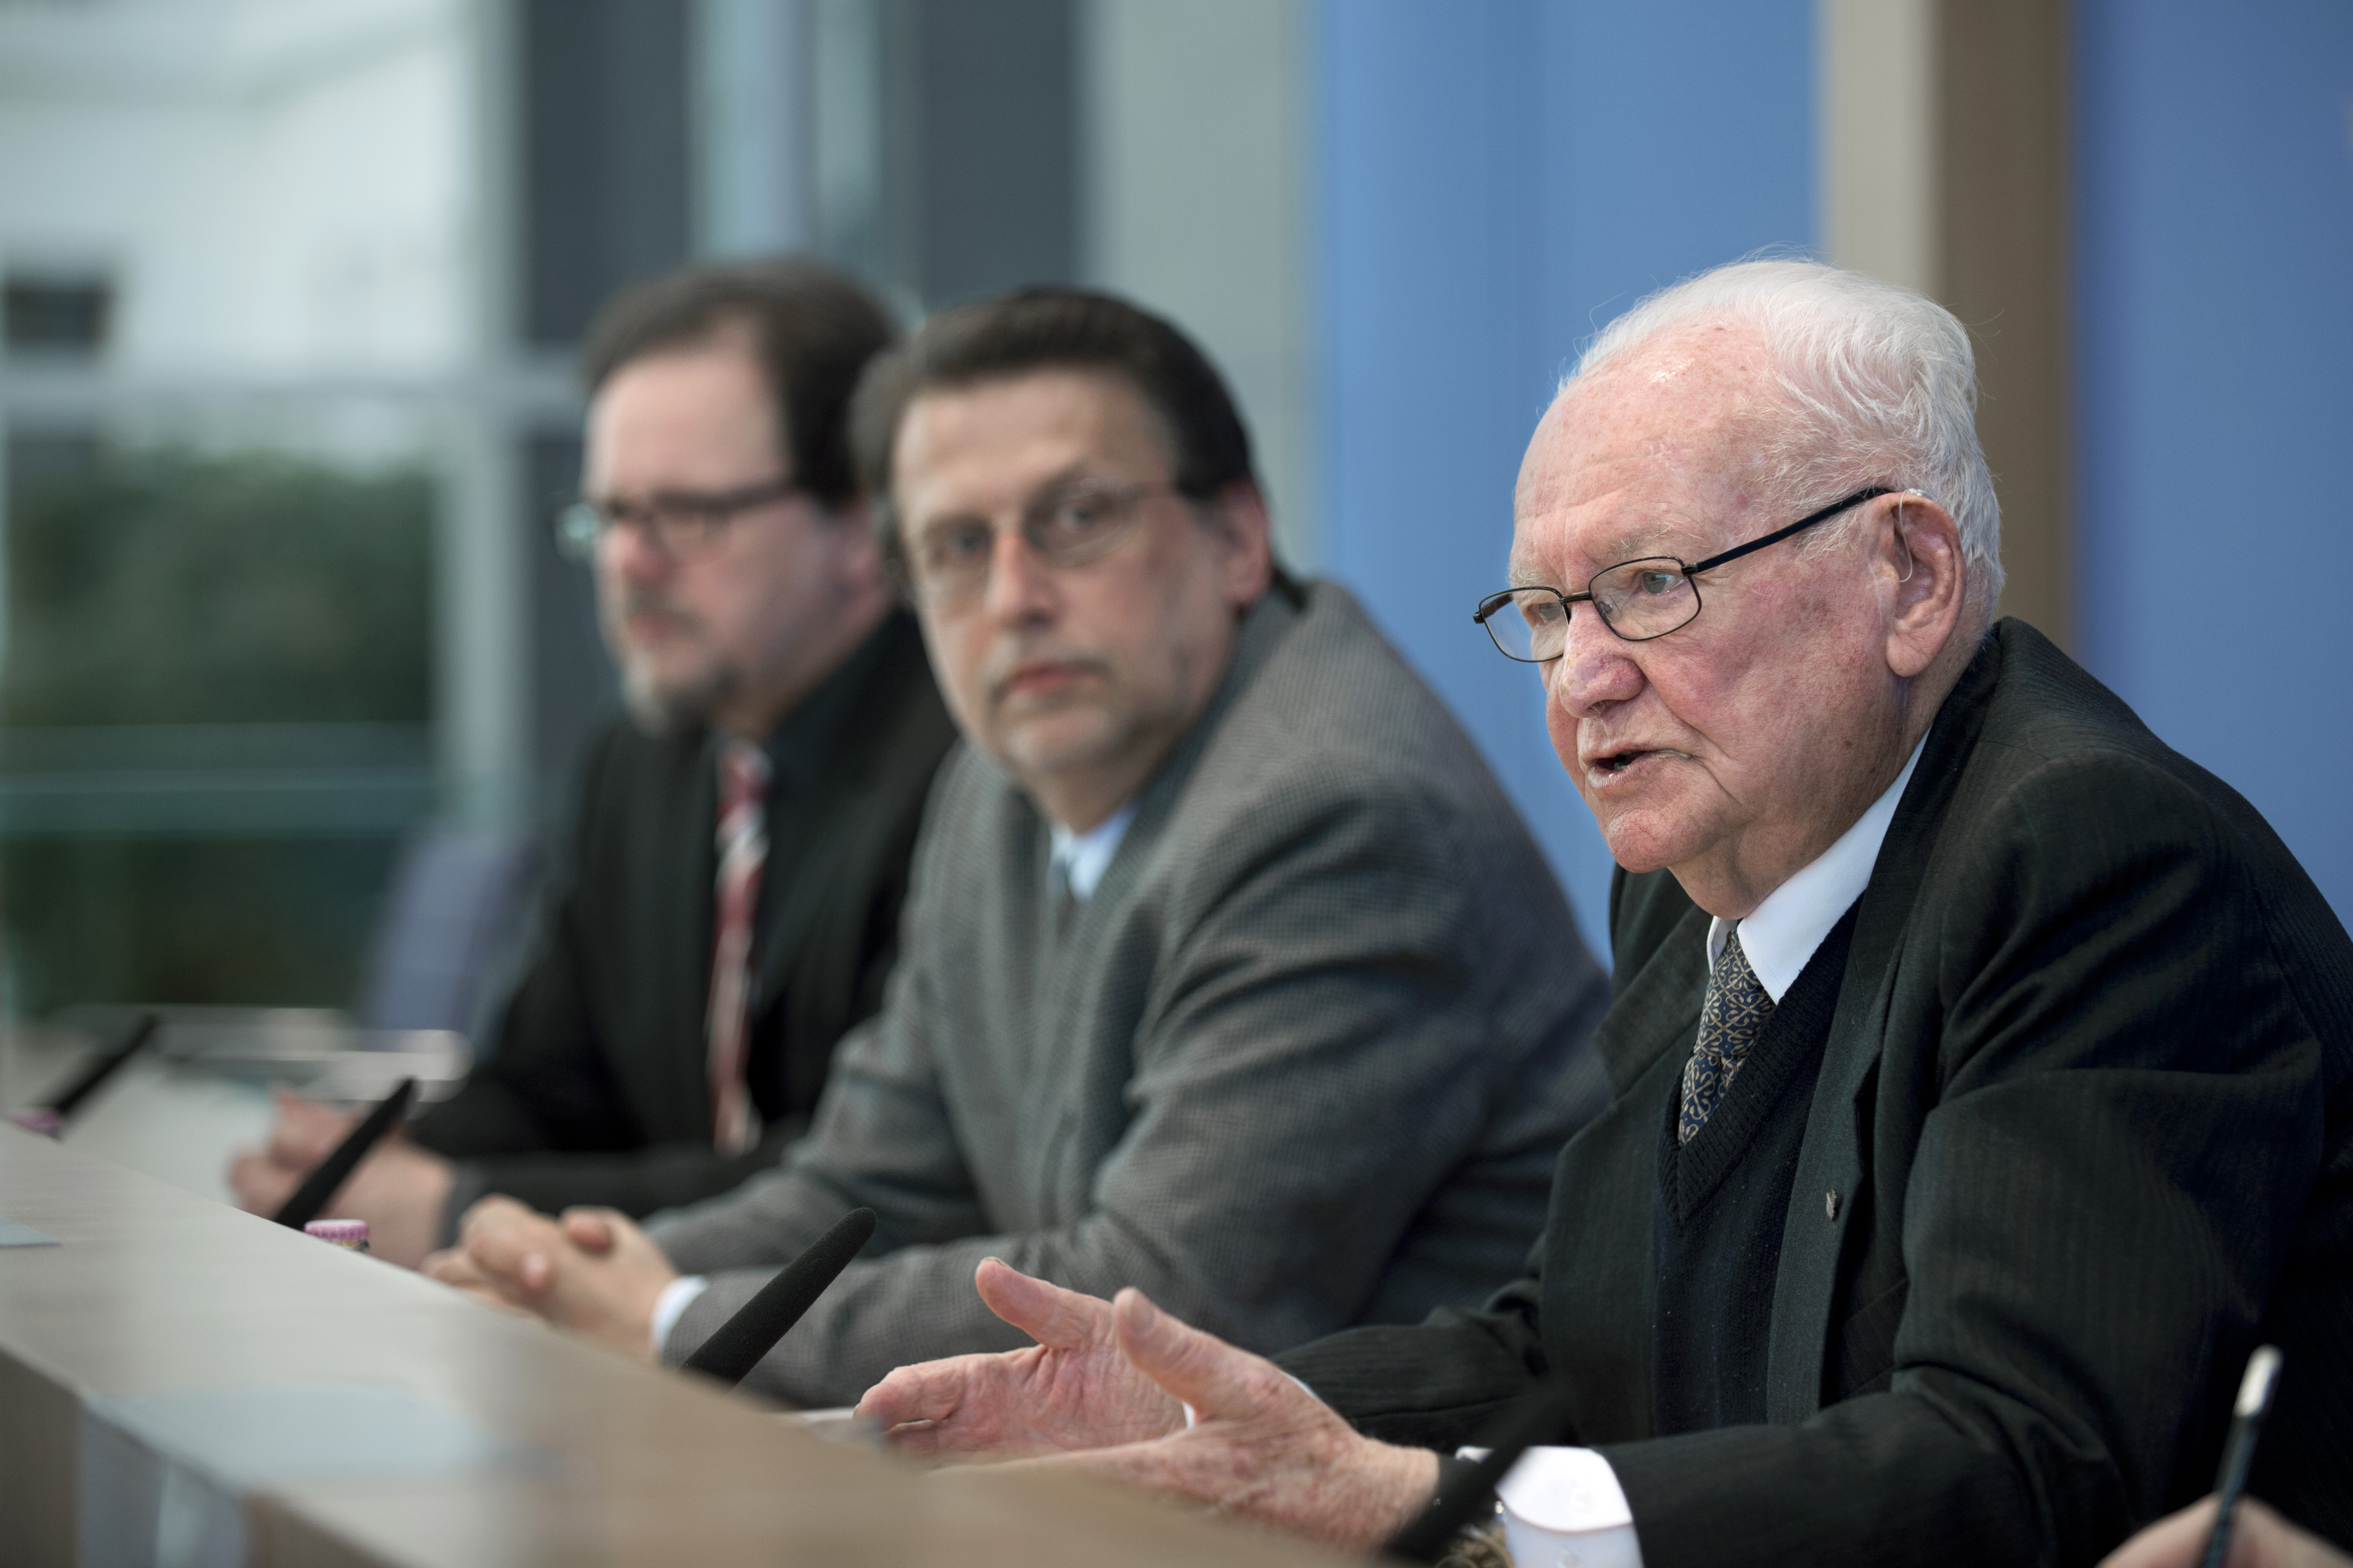 Asher Aud, Holocaustüberlebender und Verbandsleiter in Jerusalem, Harald Eckert und Frank Heinrich MdB (v.r.n.l.) bei der Bundespressekonferenz am 04.05.2015 in Berlin, Foto: Stefan Boness / IPON